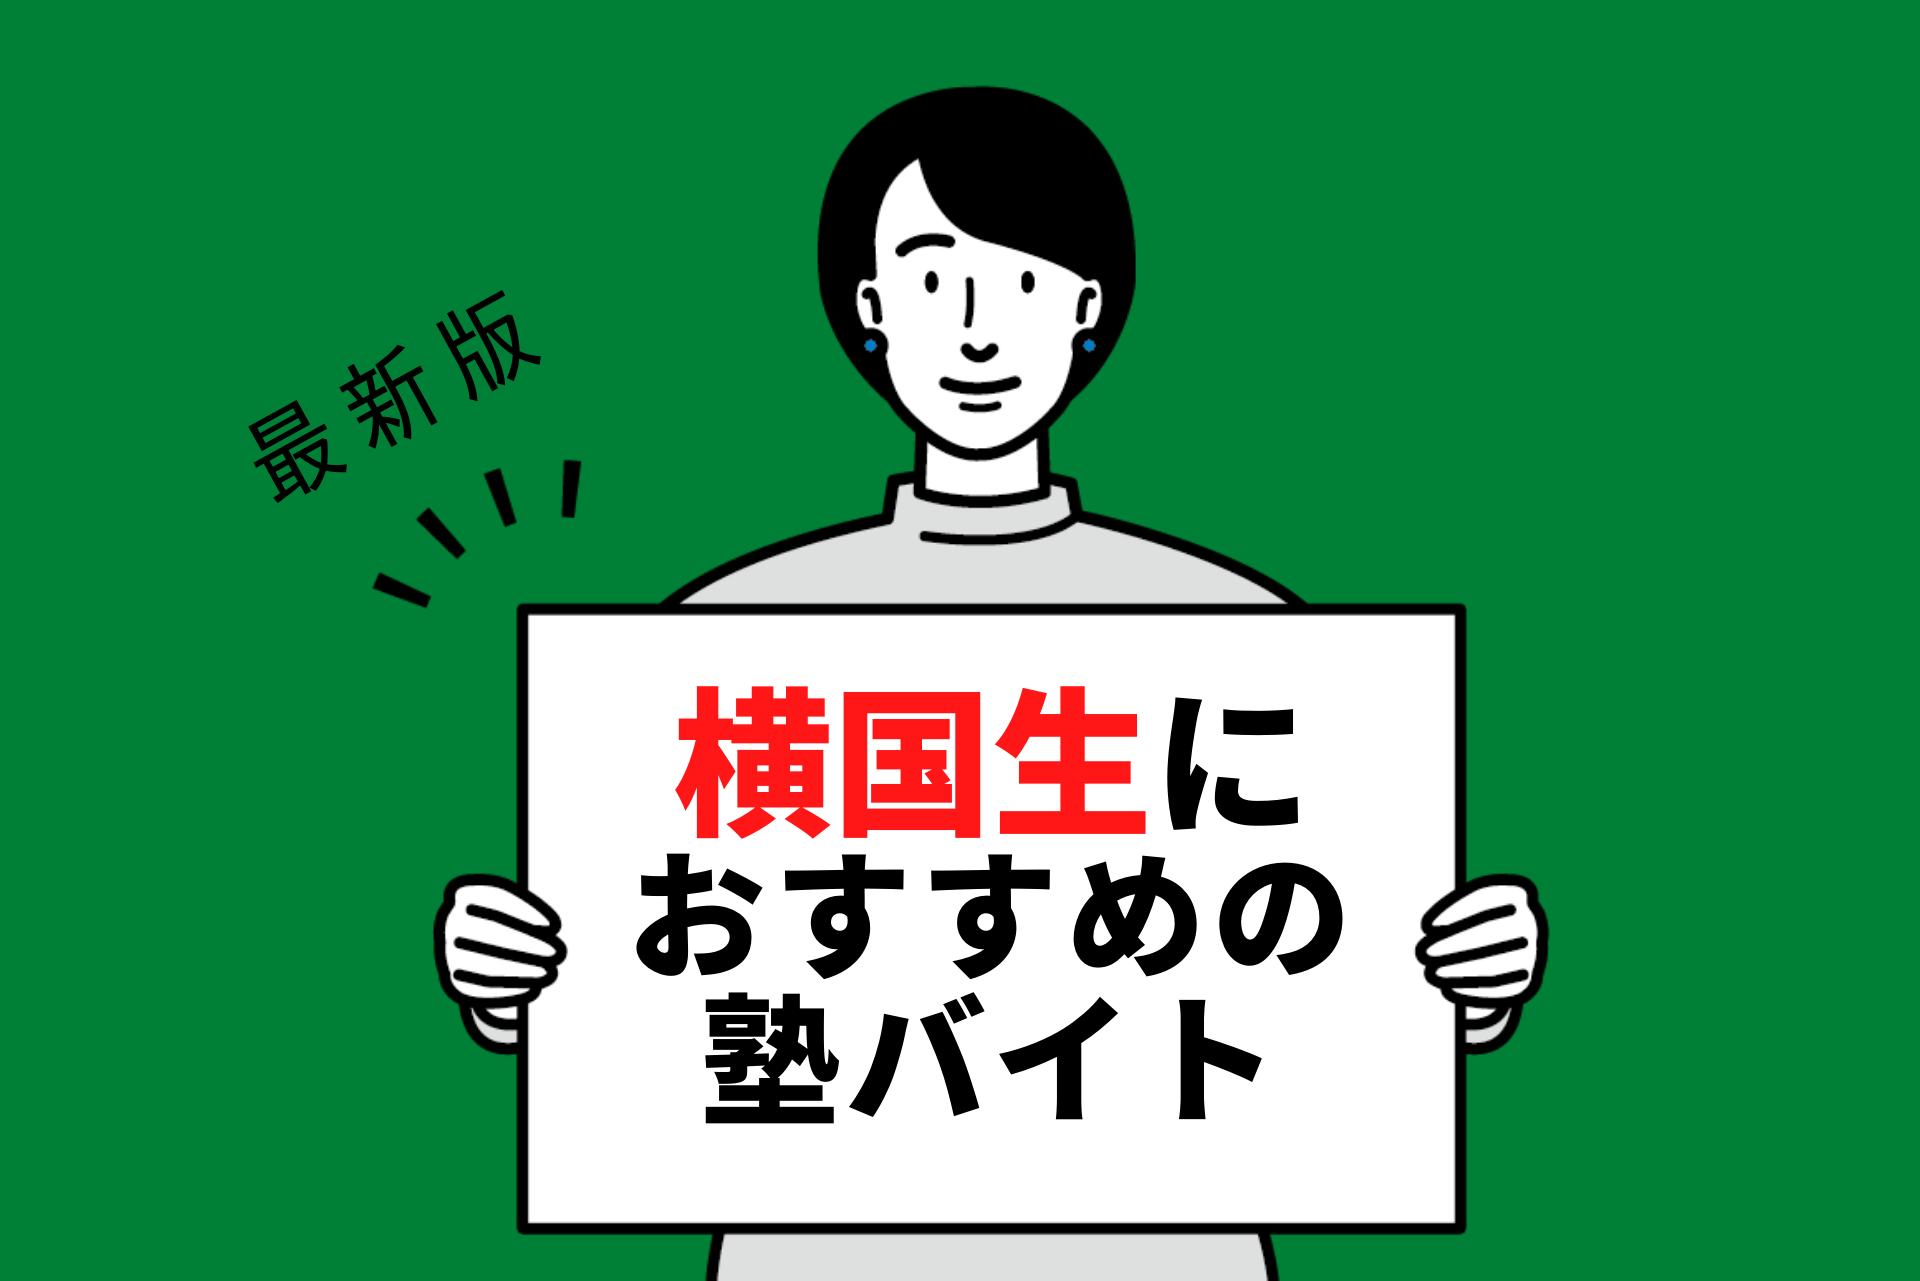 横浜国立大学の学生さんにおすすめの塾